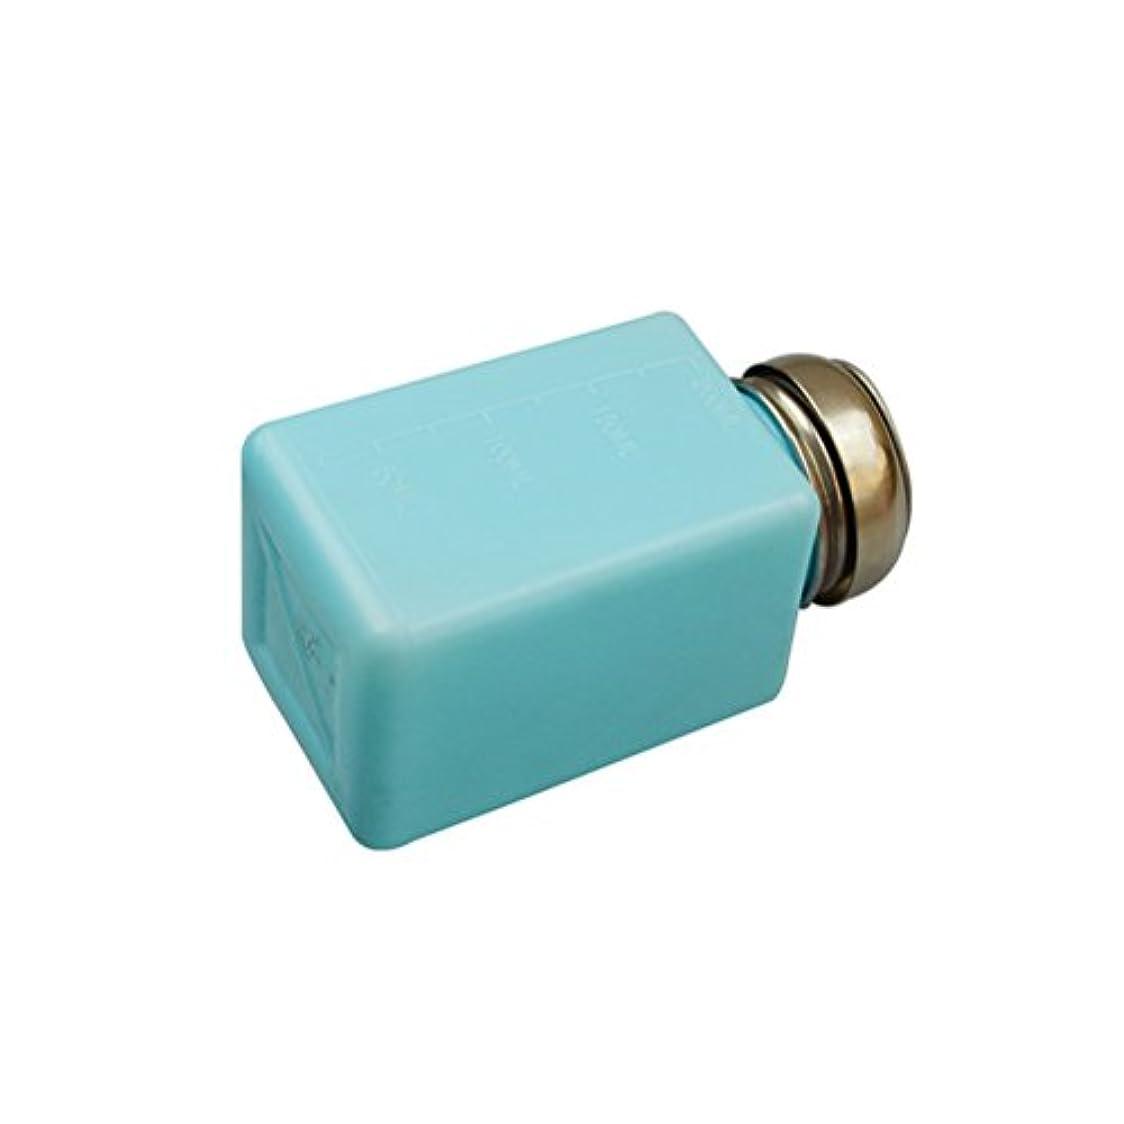 失効利用可能スカートBESTOMZ アルコールボトル 便利 クレンジングオイル 小分け容器 静電防止 200ML(青)